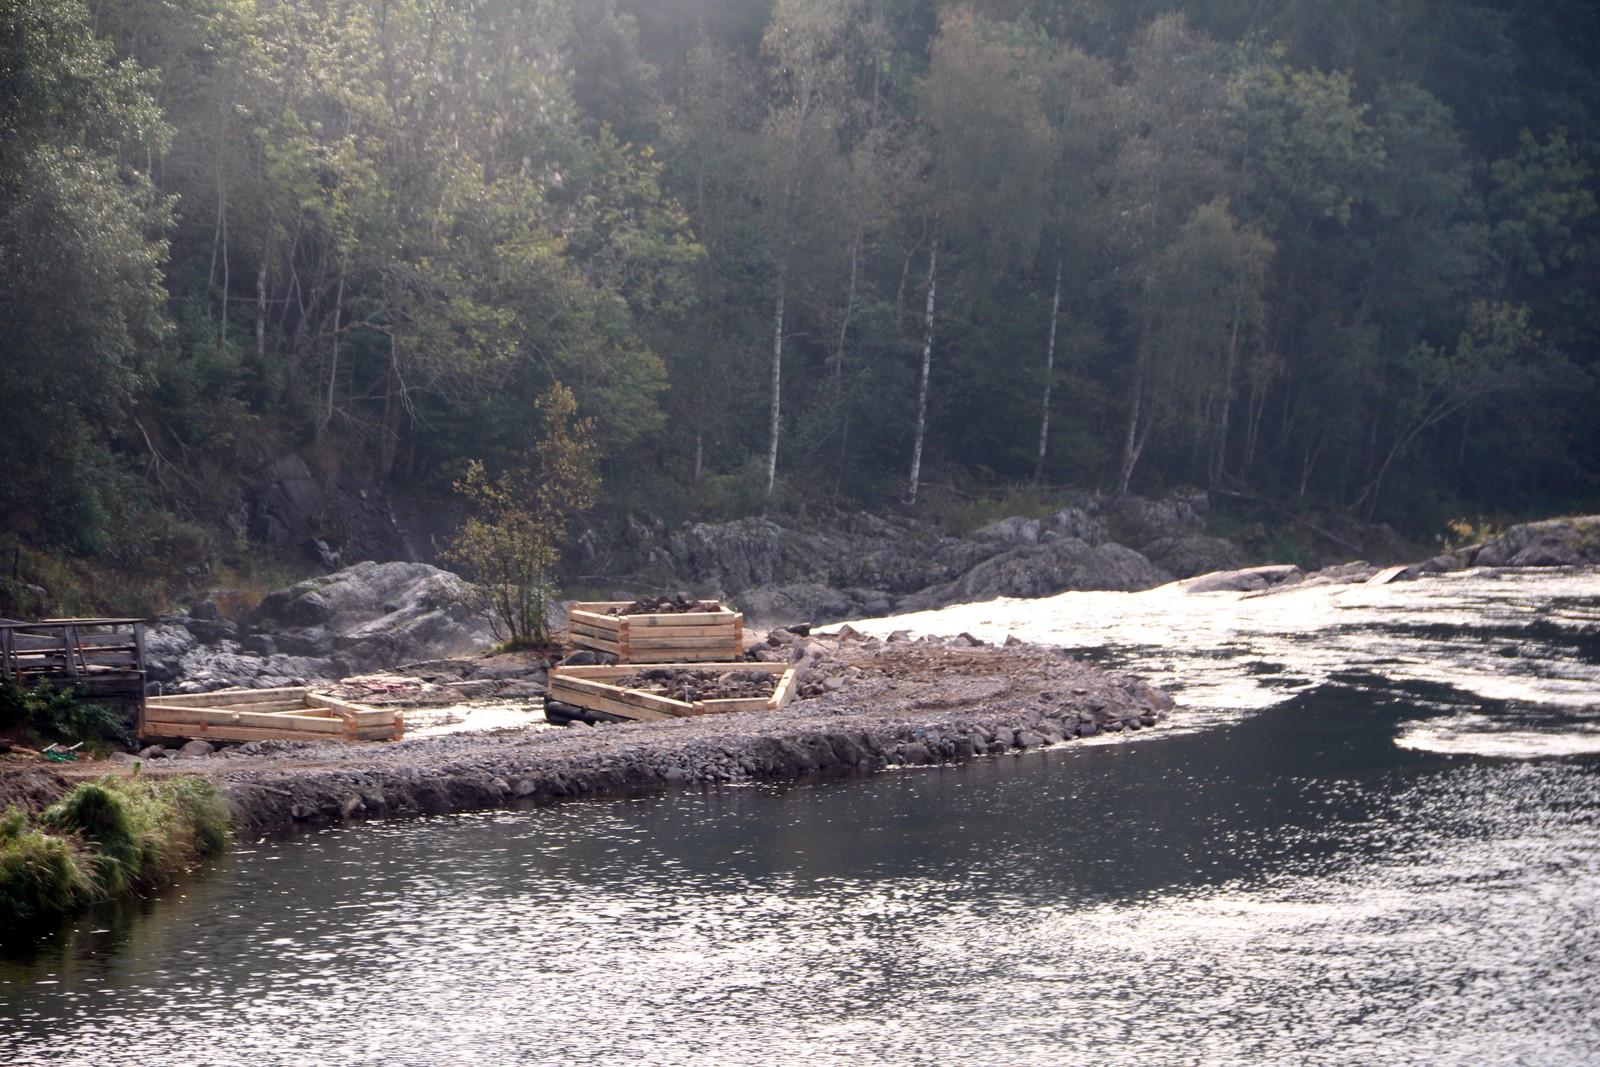 ØSTRE FOSSELØP: Det er her tømmerkassene befinner seg. Laksen går opp elva, men når den kommer hit, fanges den. Kvoten hvert år er 400 kilo.Hver torsdag om sommeren fanges rundt 16 laks og auksjoneres bort, resten slippes rett ut igjen.